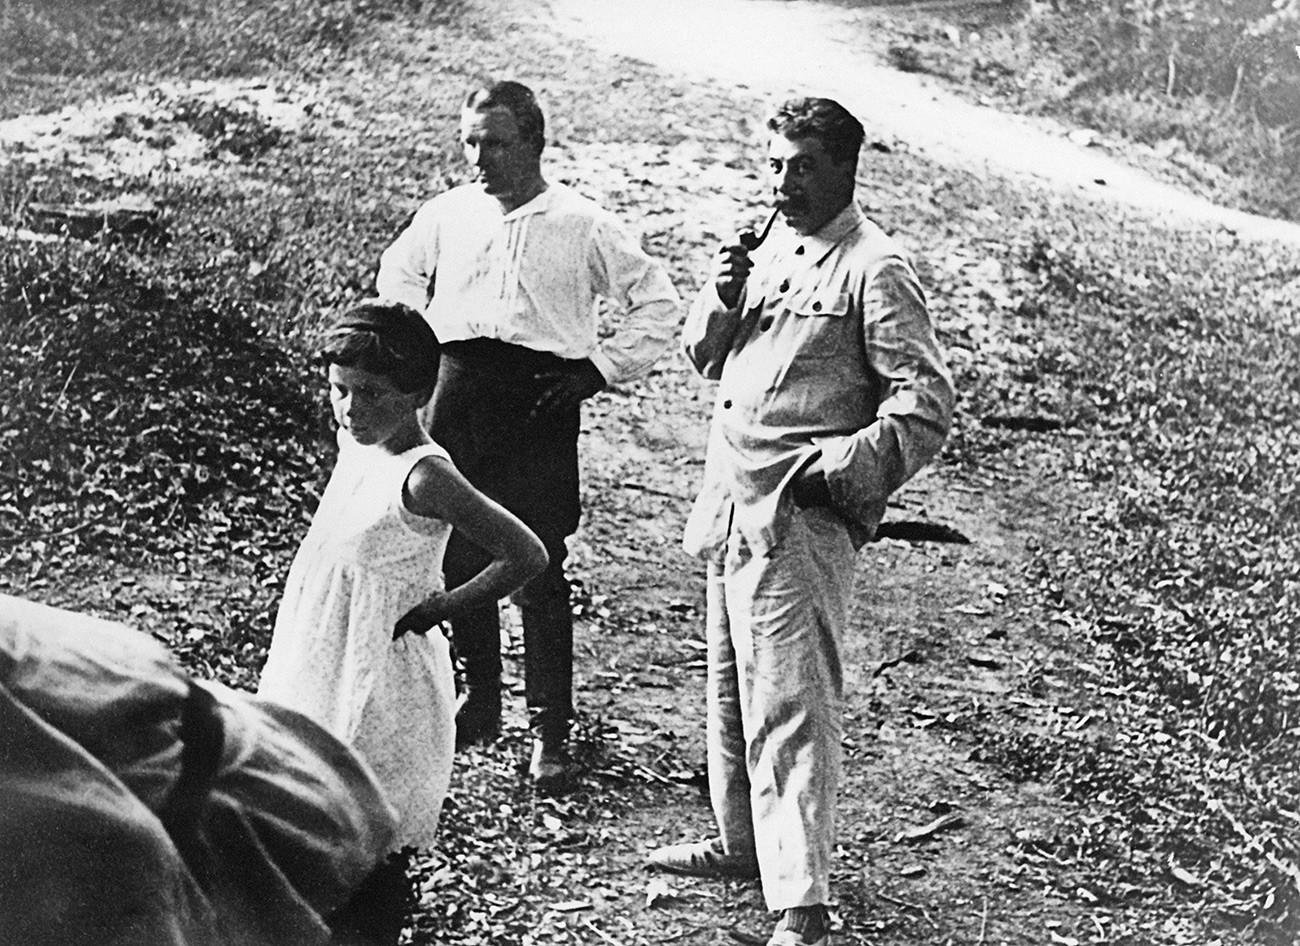 ヨシフ・スターリン、セルゲイ・キーロフ、スターリンの娘スヴェトラーナ・アリルーエワ